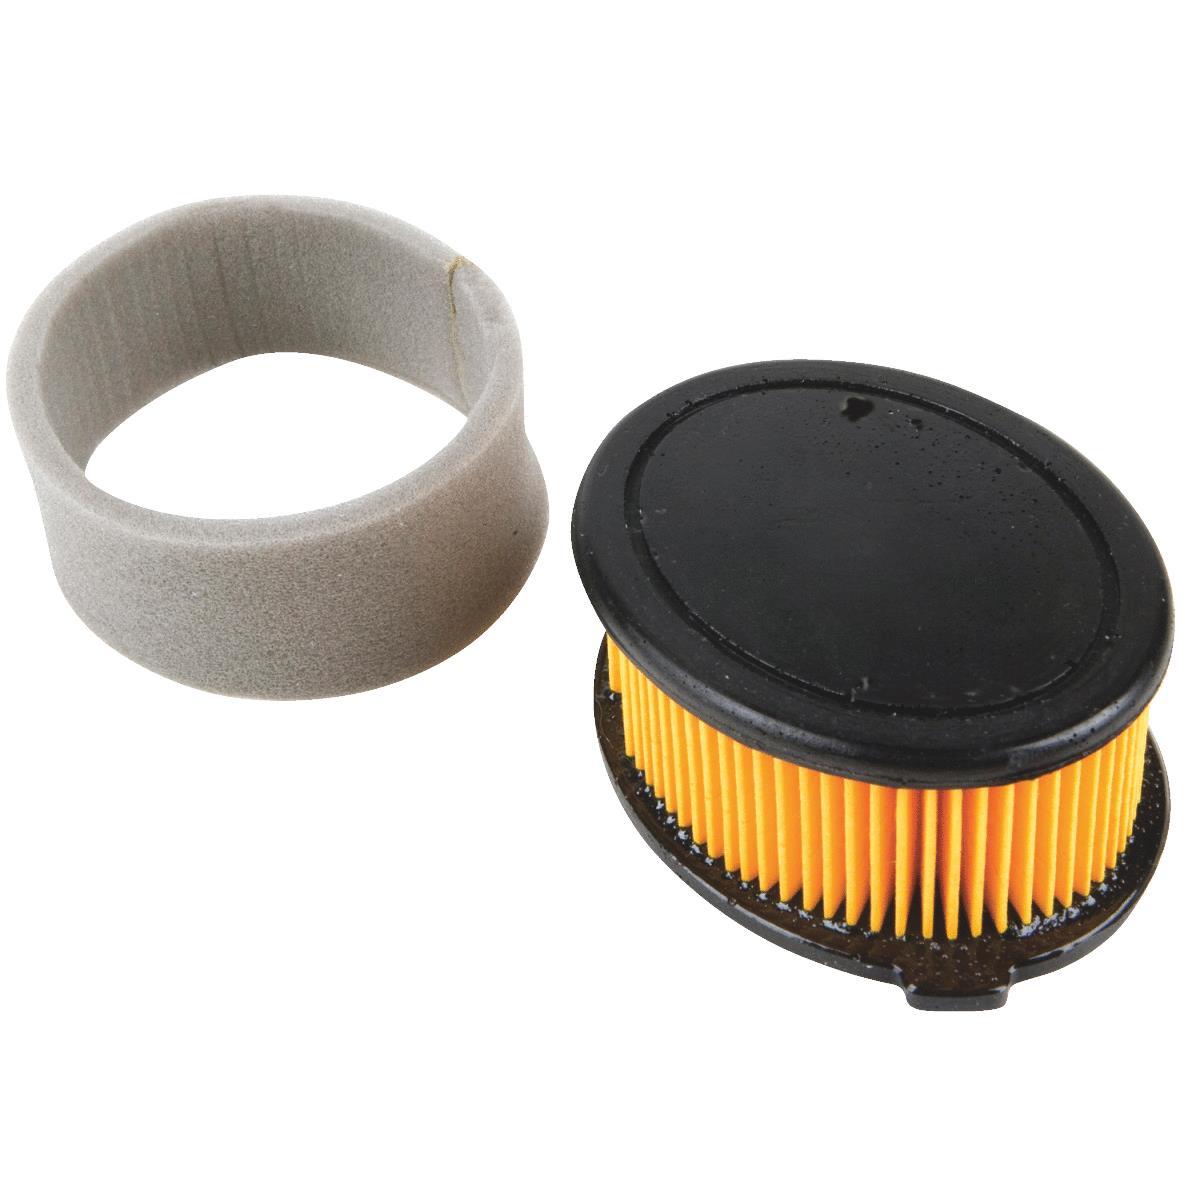 buy arnold mtd 208 cc ohv engine air filter. Black Bedroom Furniture Sets. Home Design Ideas